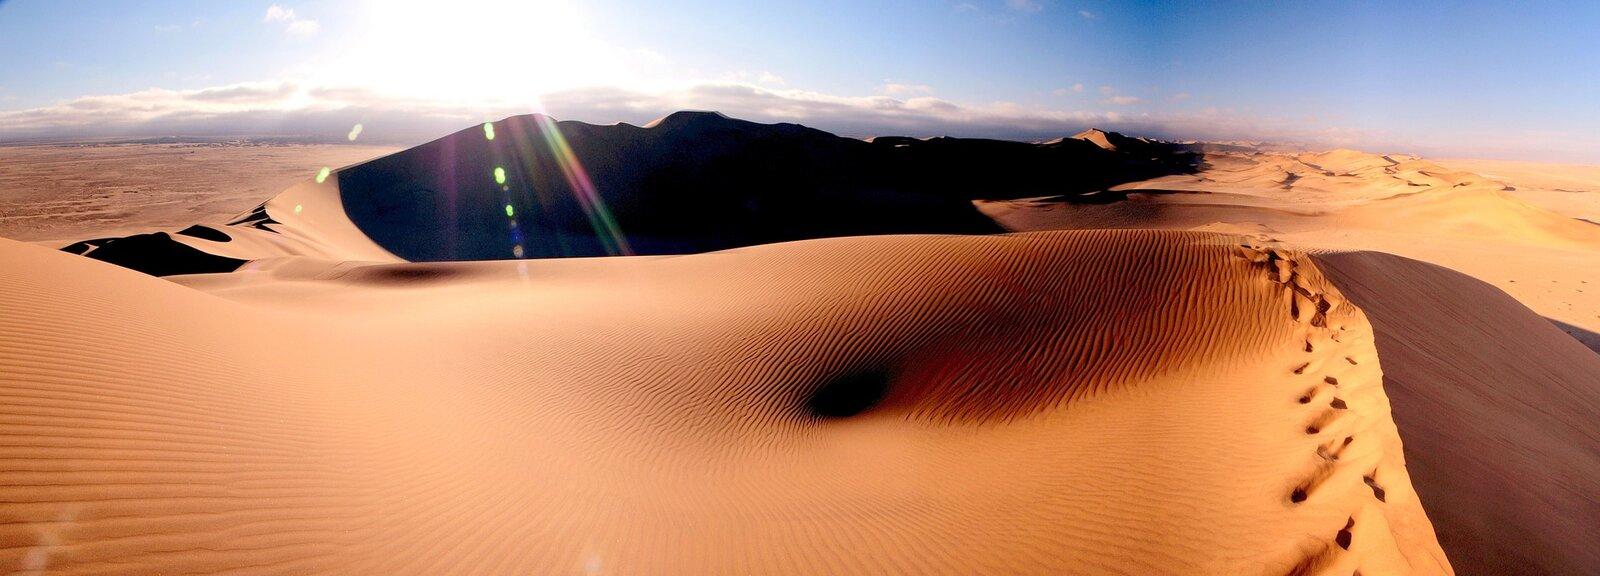 Okładka - refklesy pustyni Źródło: pixabay, licencja: CC 0.